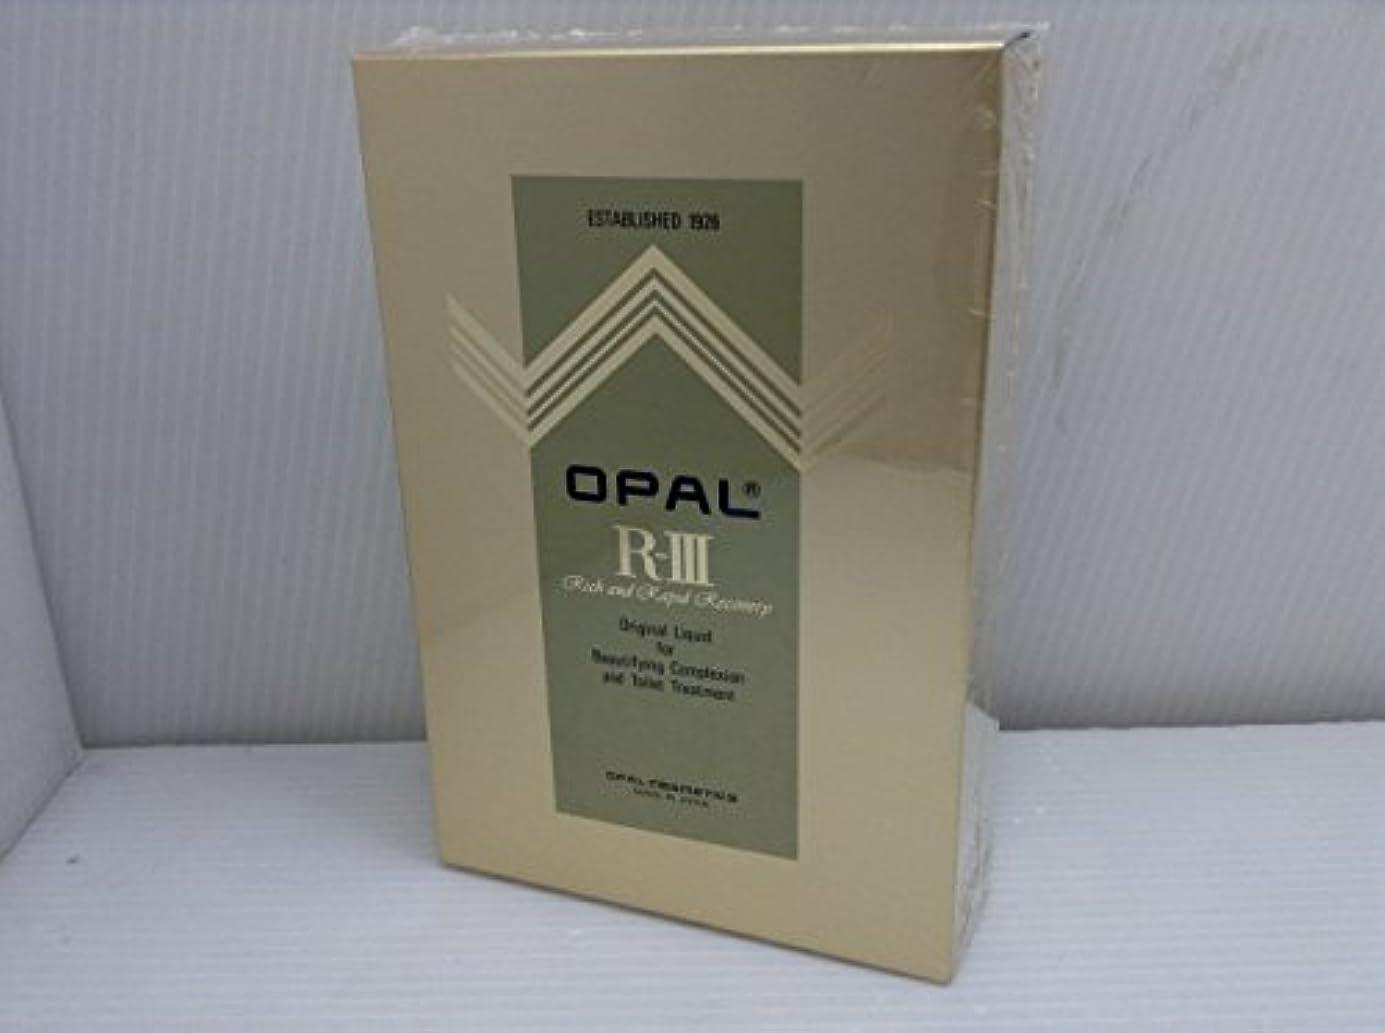 金銭的な下向きシャトルオパール化粧品 美容原液 薬用オパール R-III (460ml)